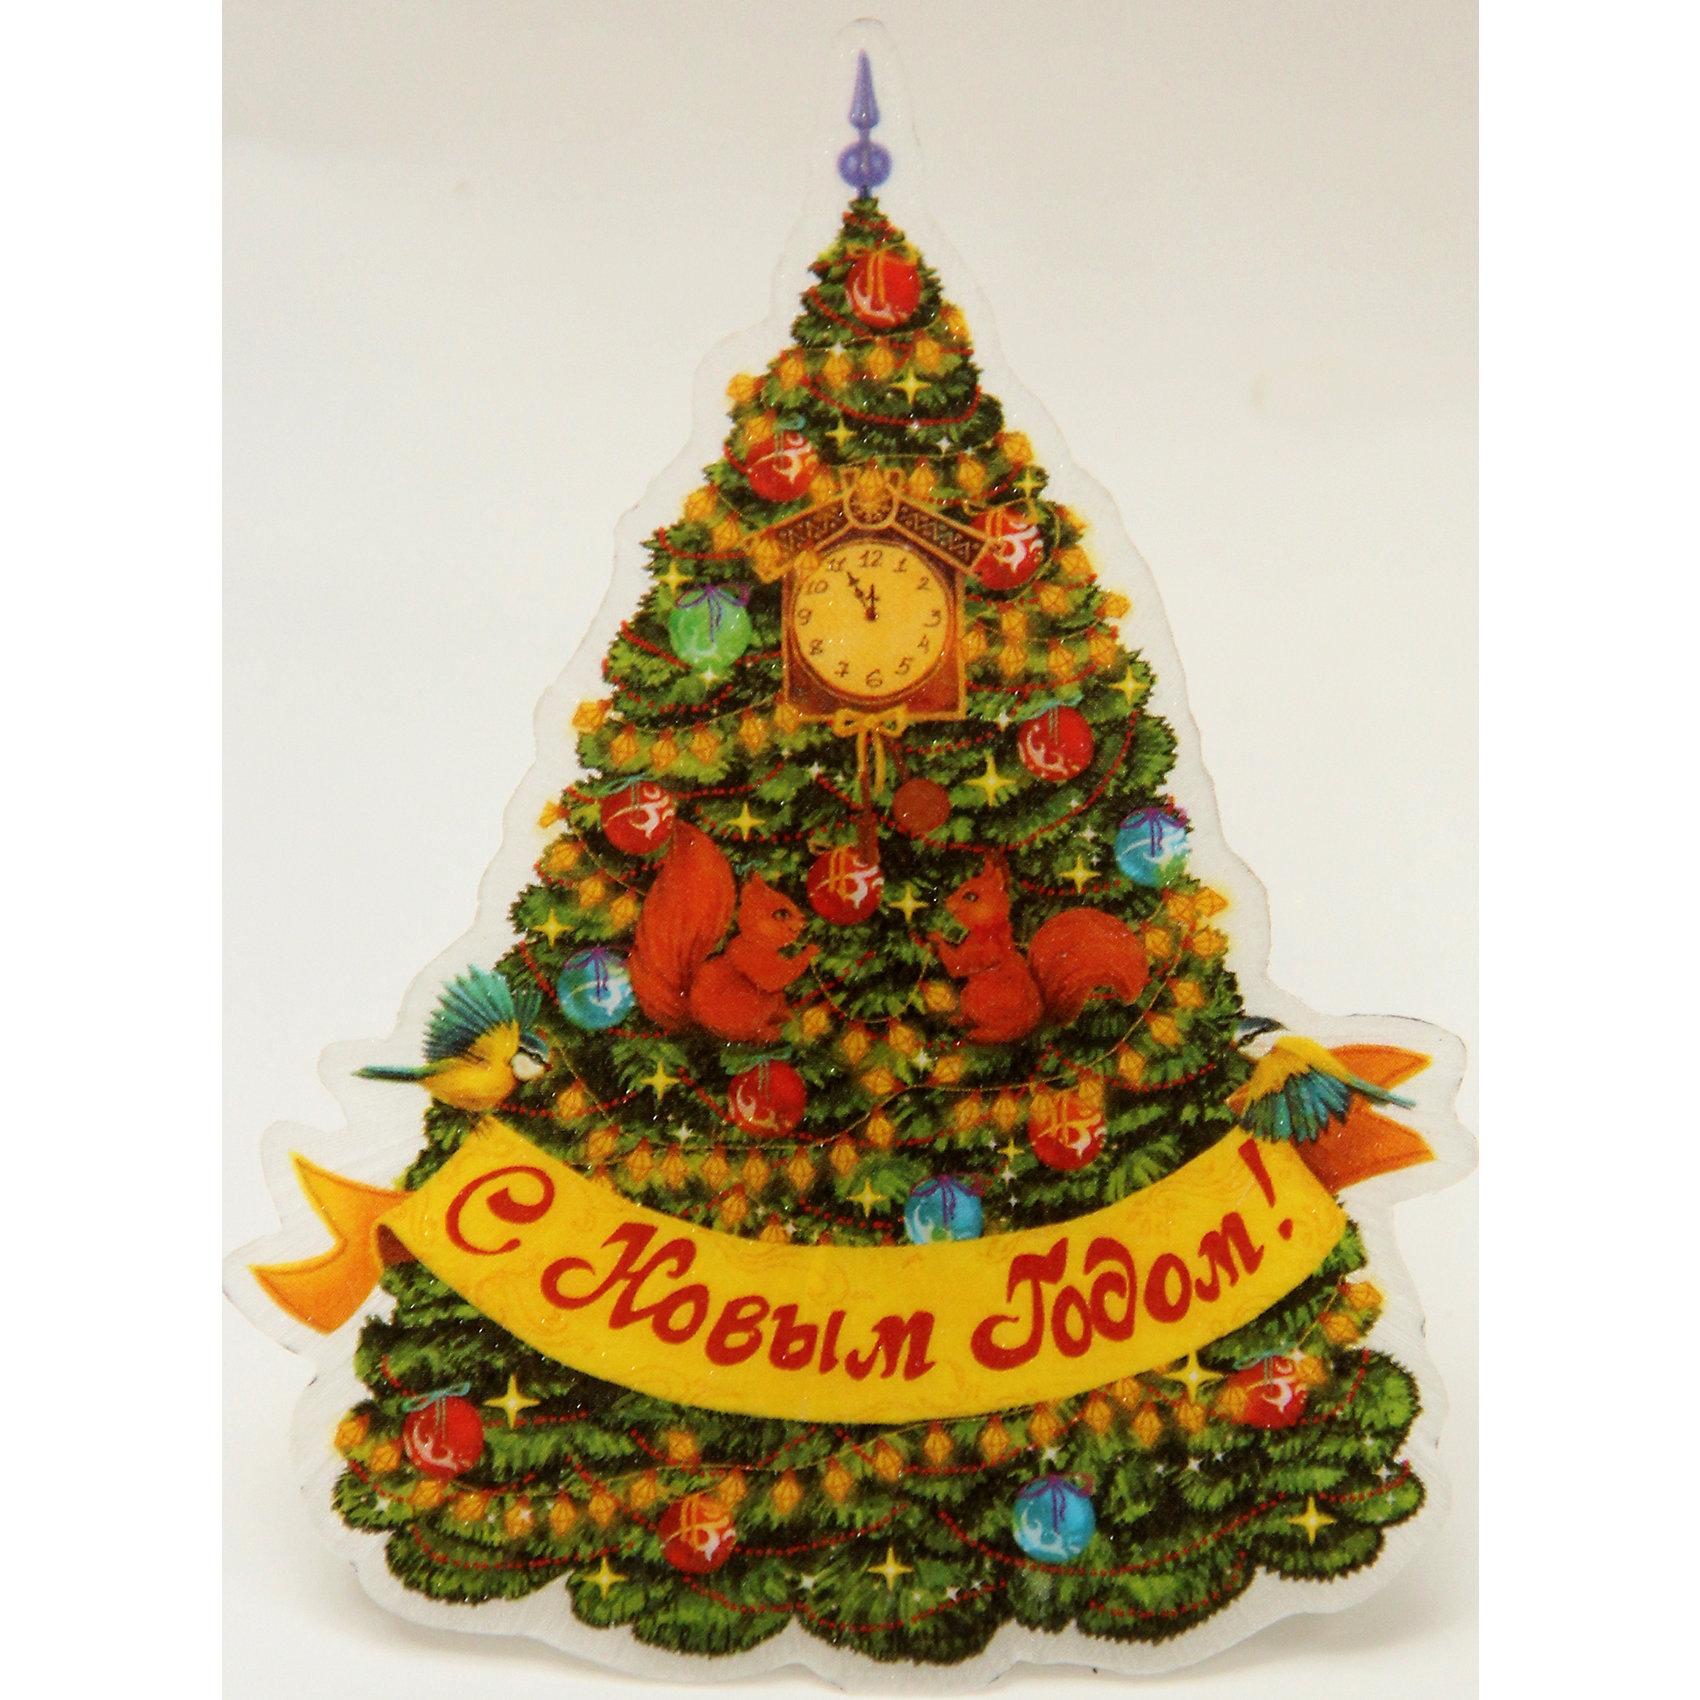 Украшение Новогодняя елка в золотых узорах со светодиодной подсветкойПриближение Нового года не может не радовать! Особое время - сам праздник и предновогодние хлопоты - ждут не только дети, но и взрослые! Праздничное настроение создает в первую очередь украшенный дом и наряженная ёлка. <br>Эта фигурка идет в комплекте с элементом питания, который помогает создавать для неё праздничную подсветку. Изделие произведено из безопасного для детей, прочного, но легкого, материала. Создайте с ним праздничное настроение себе и близким!<br><br>Дополнительная информация:<br><br>цвет: разноцветный;<br>материал: ПВХ;<br>элемент питания: CR2032;<br>мощность 0,06 Вт, напряжение 3 В;<br>размер: 11 x 9 x 3 см.<br><br>Украшение Новогодняя елка в золотых узорах со светодиодной подсветкой можно купить в нашем магазине.<br><br>Ширина мм: 100<br>Глубина мм: 100<br>Высота мм: 60<br>Вес г: 28<br>Возраст от месяцев: 36<br>Возраст до месяцев: 2147483647<br>Пол: Унисекс<br>Возраст: Детский<br>SKU: 4981635